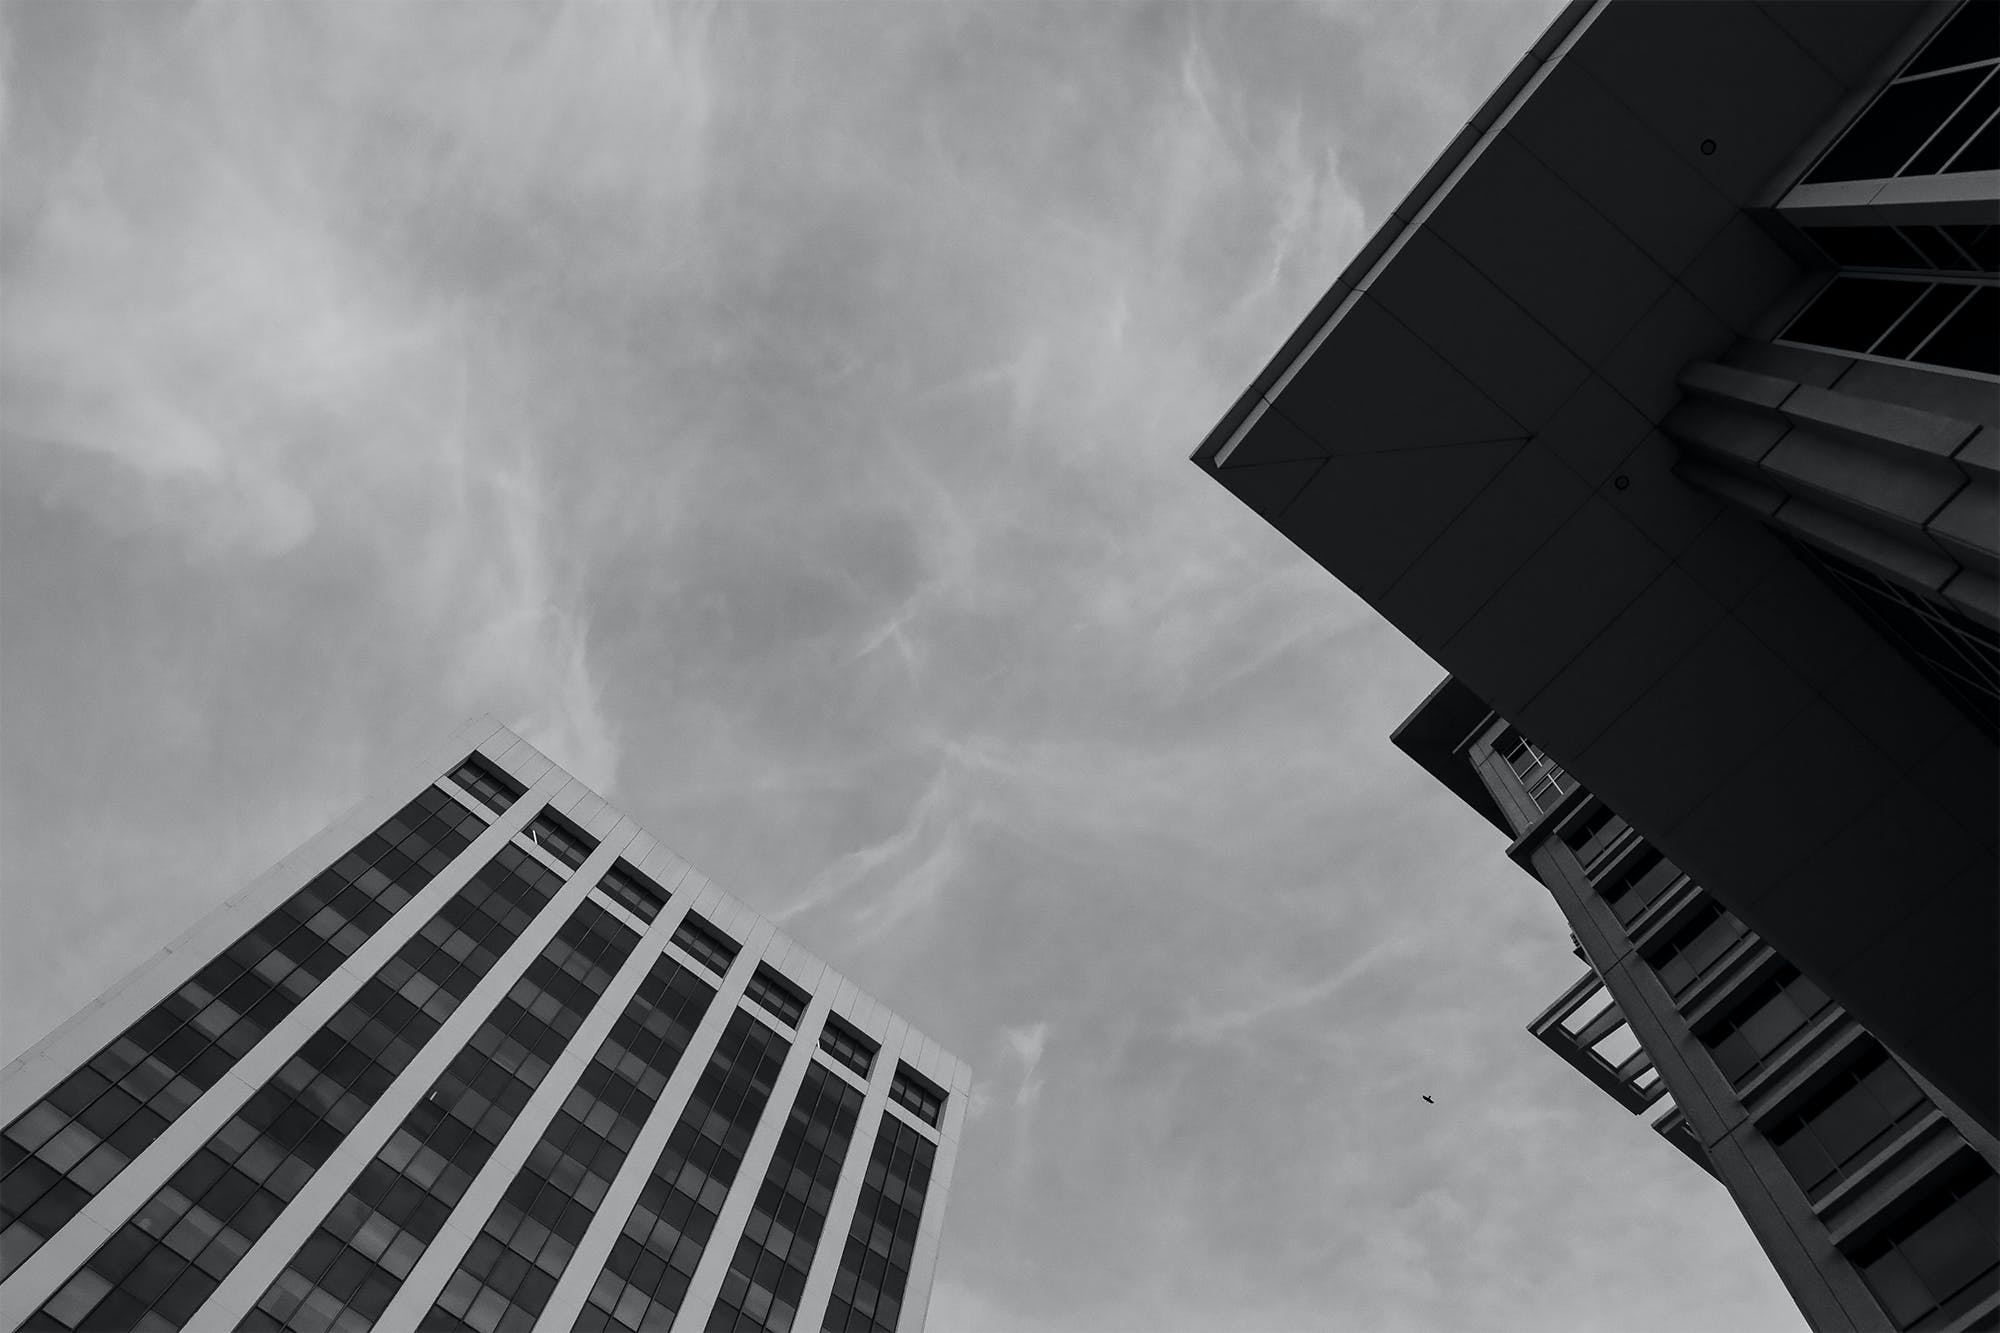 シティ, 建物, 白黒, 空の無料の写真素材